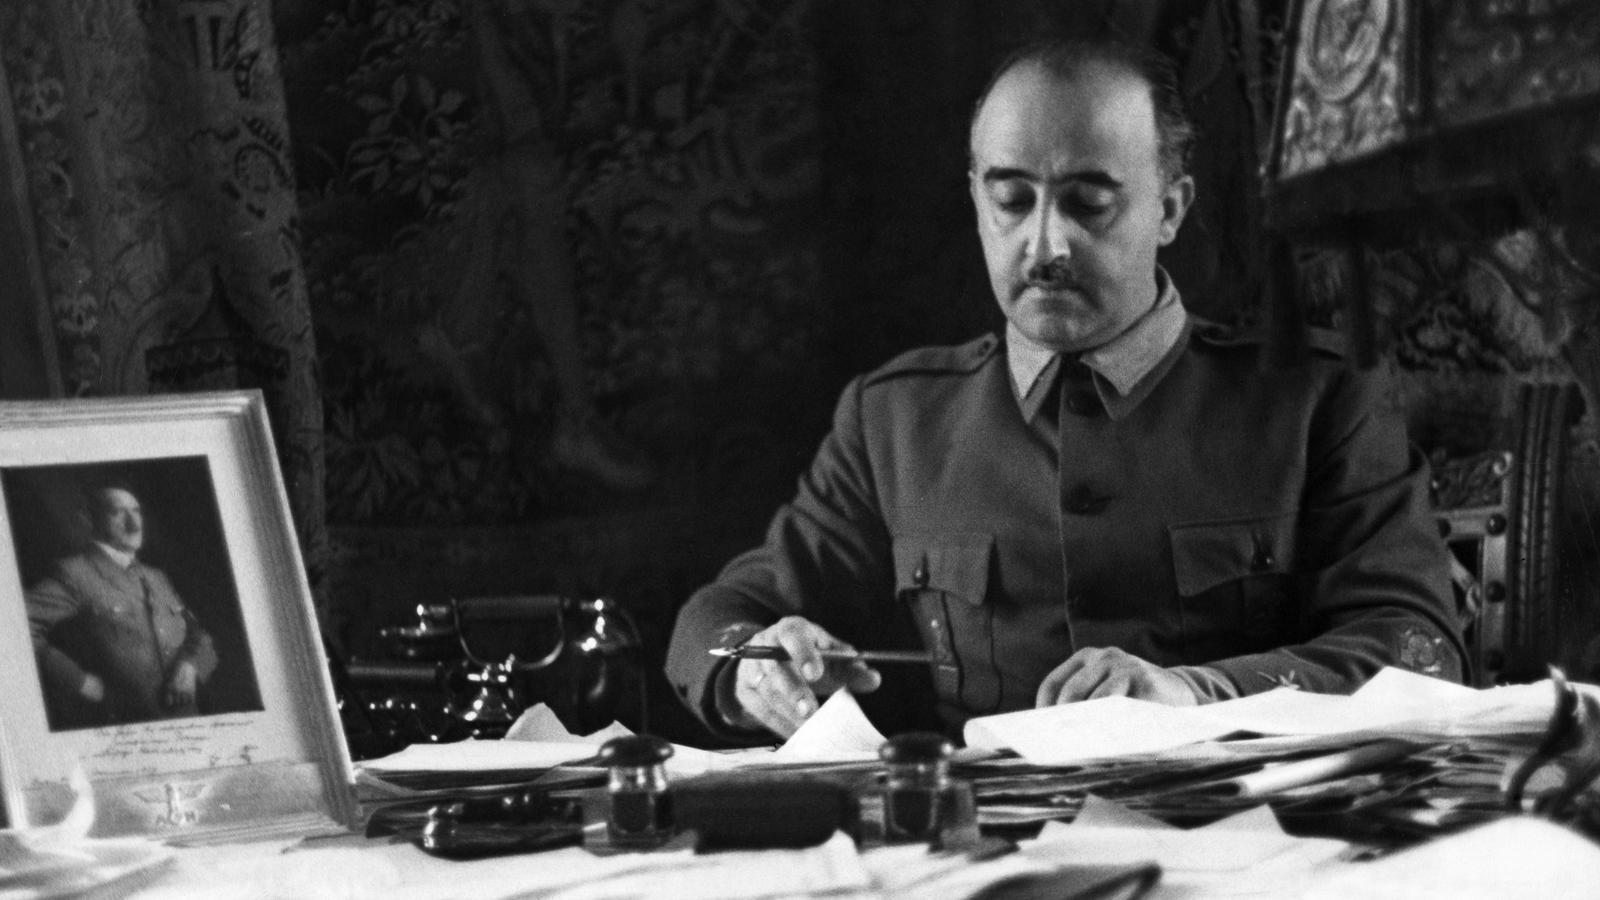 Franco va deixar una herència de 28'5 milions de pessetes a la seva dona i la seva filla